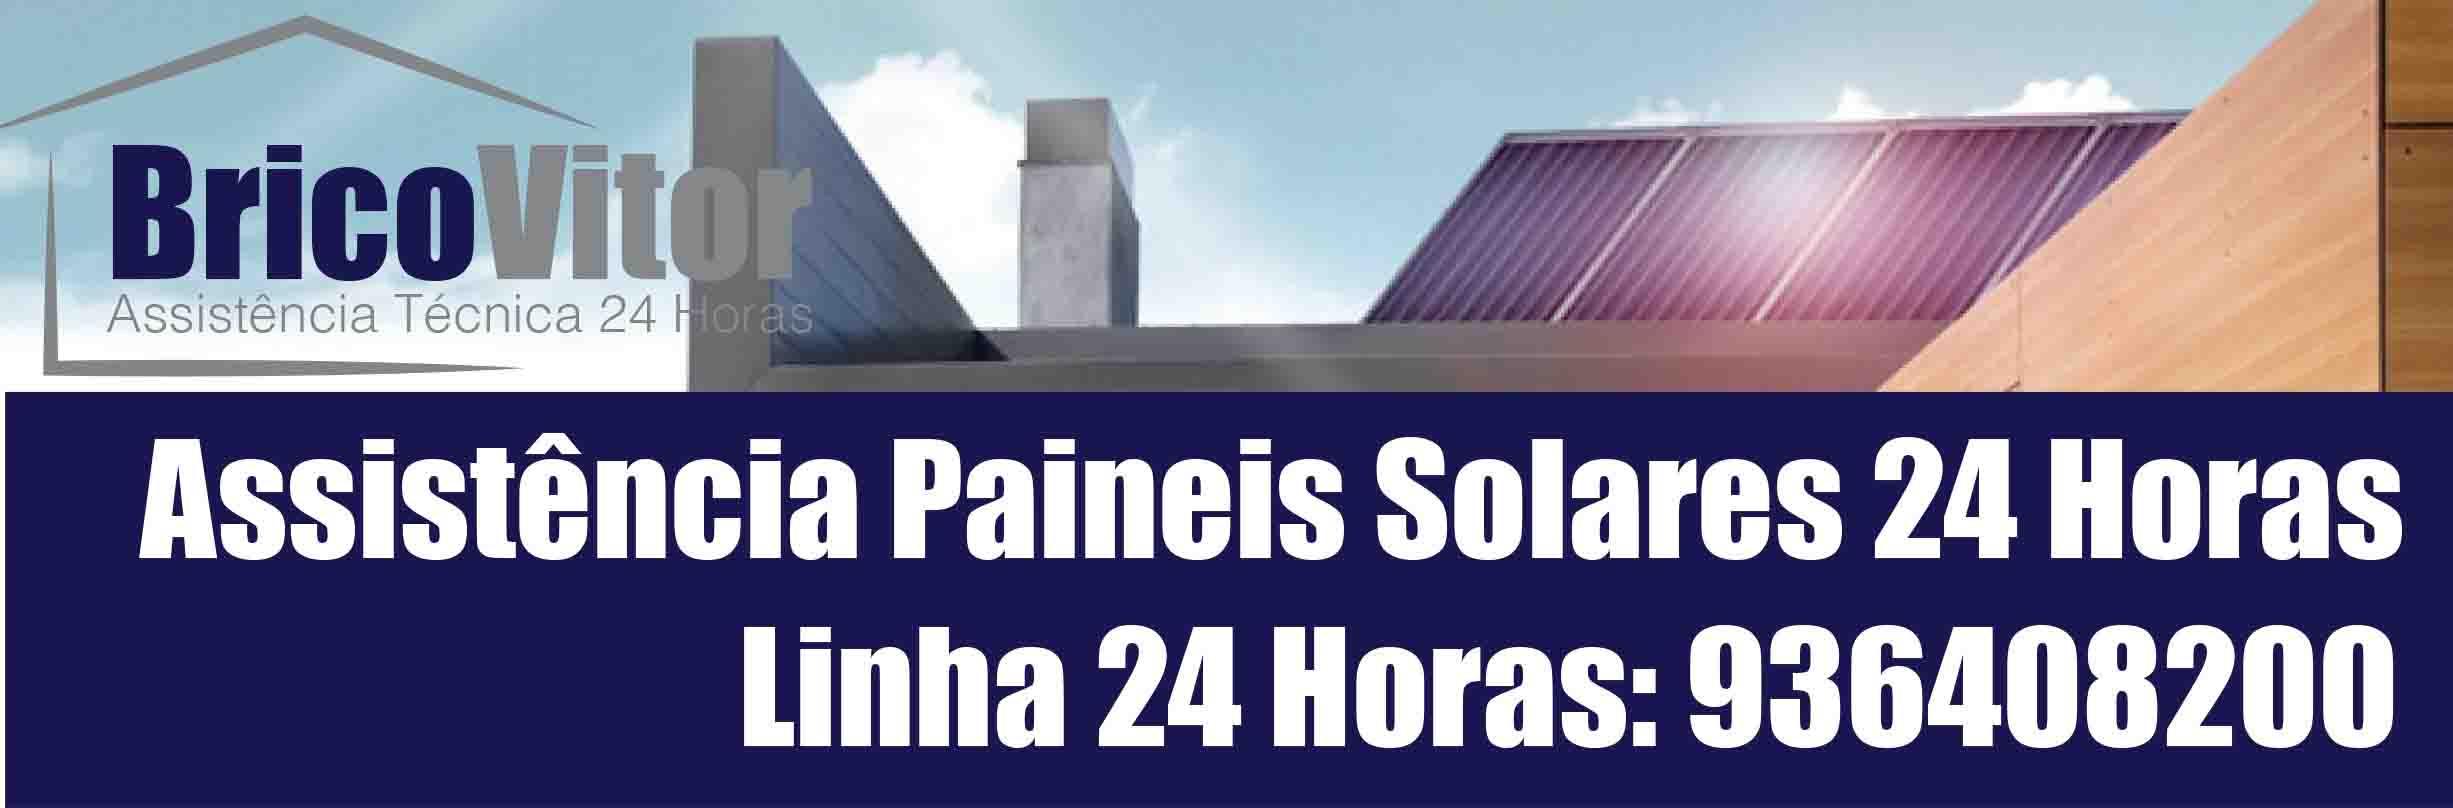 Assistência Painéis Solares Felgueiras